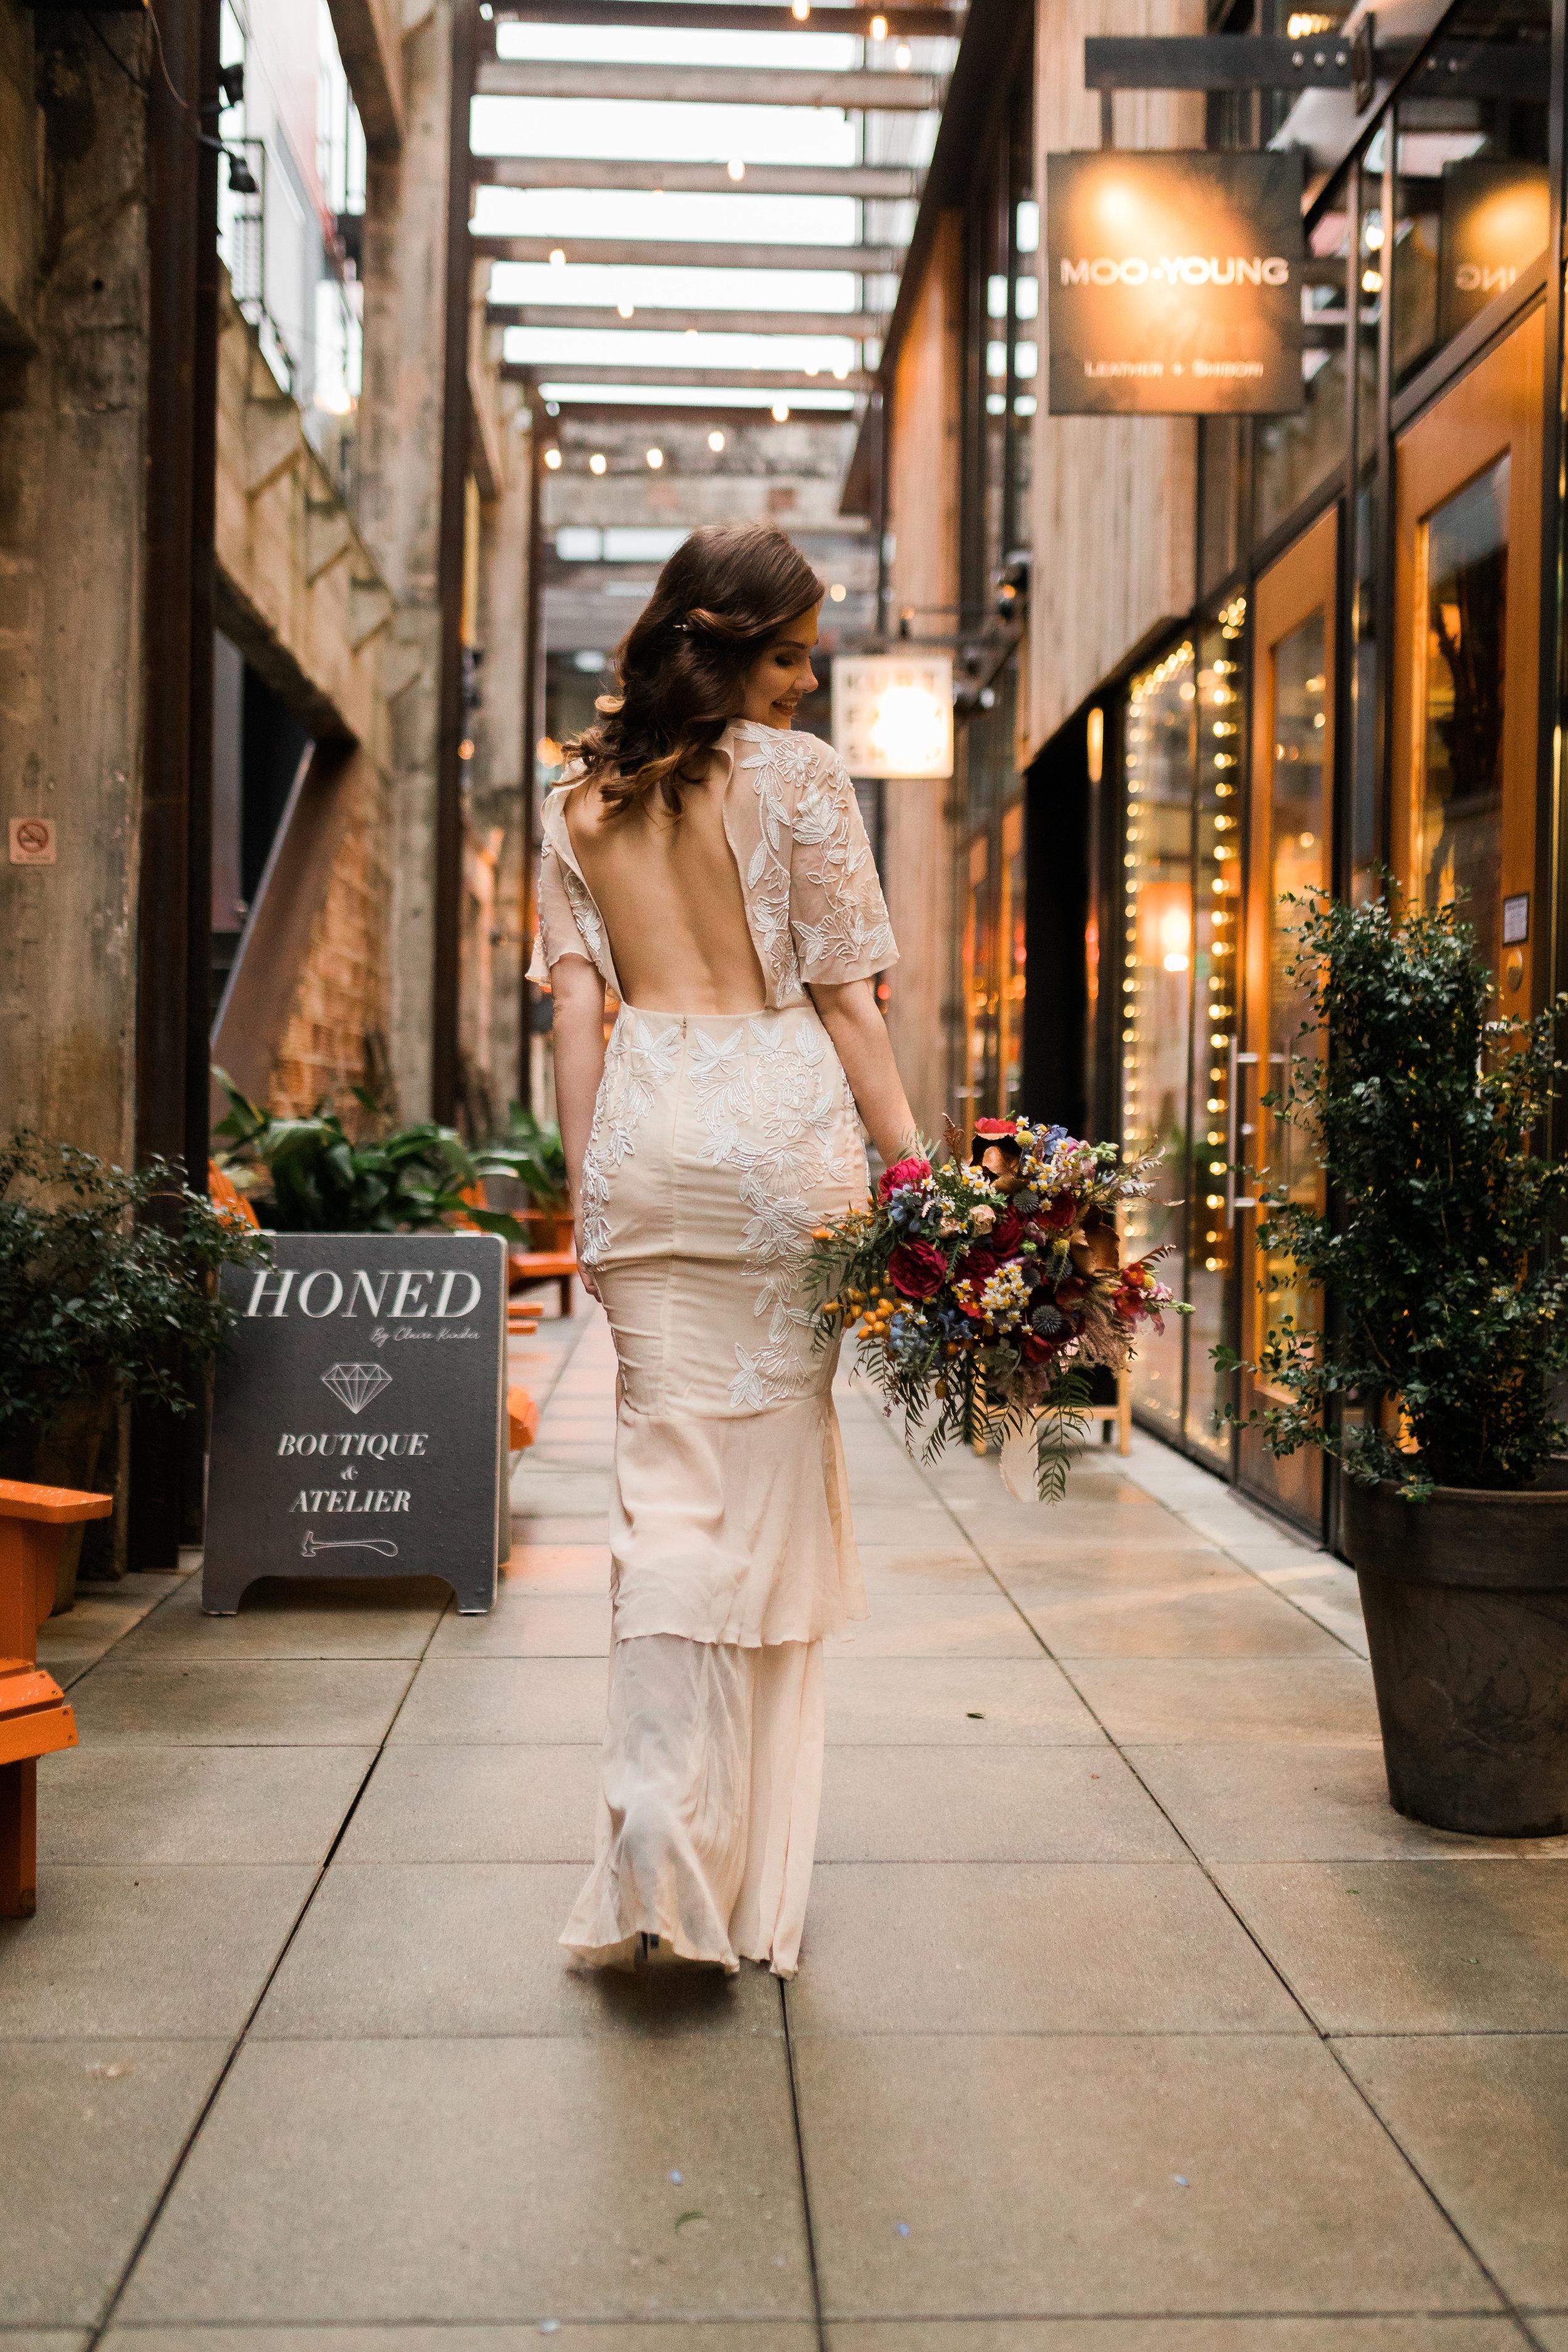 Styled-Bridal-Session-Seattle-Washington-Tara-Nichole-Photo-5.jpg